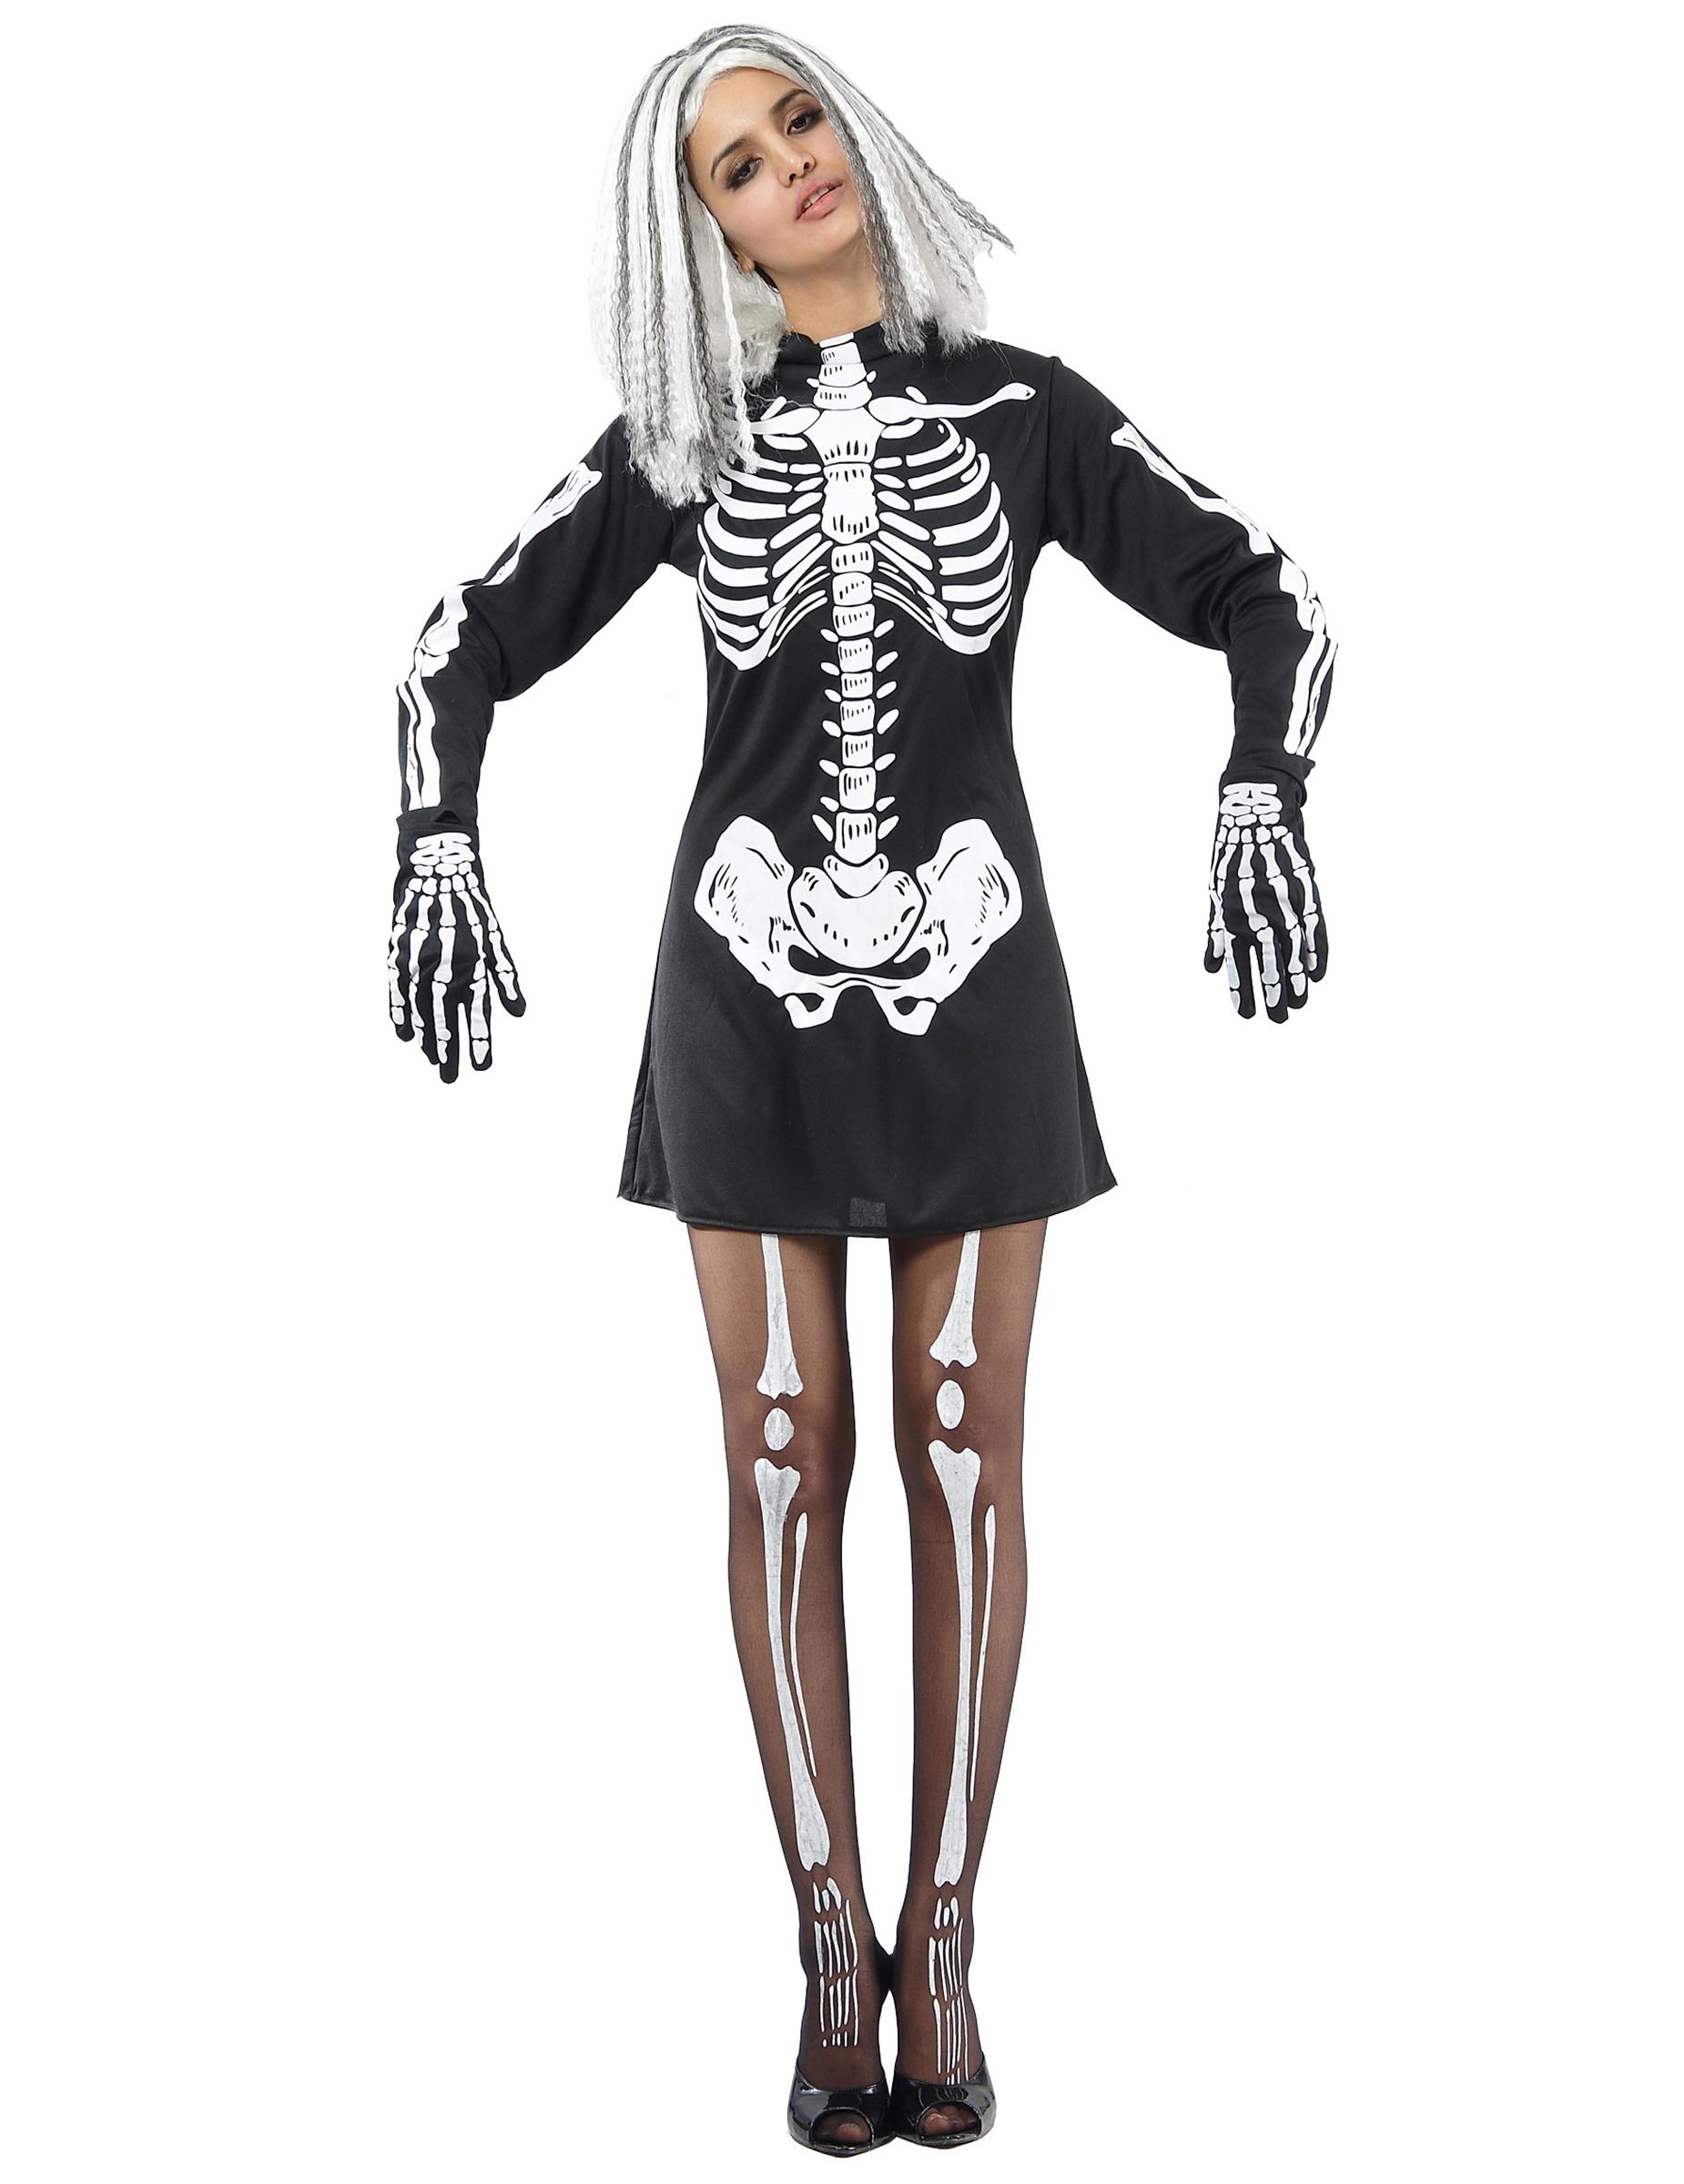 Professionele Halloween Kostuums.Horror Kleding Voor Dames En Heren Halloween Kostuums